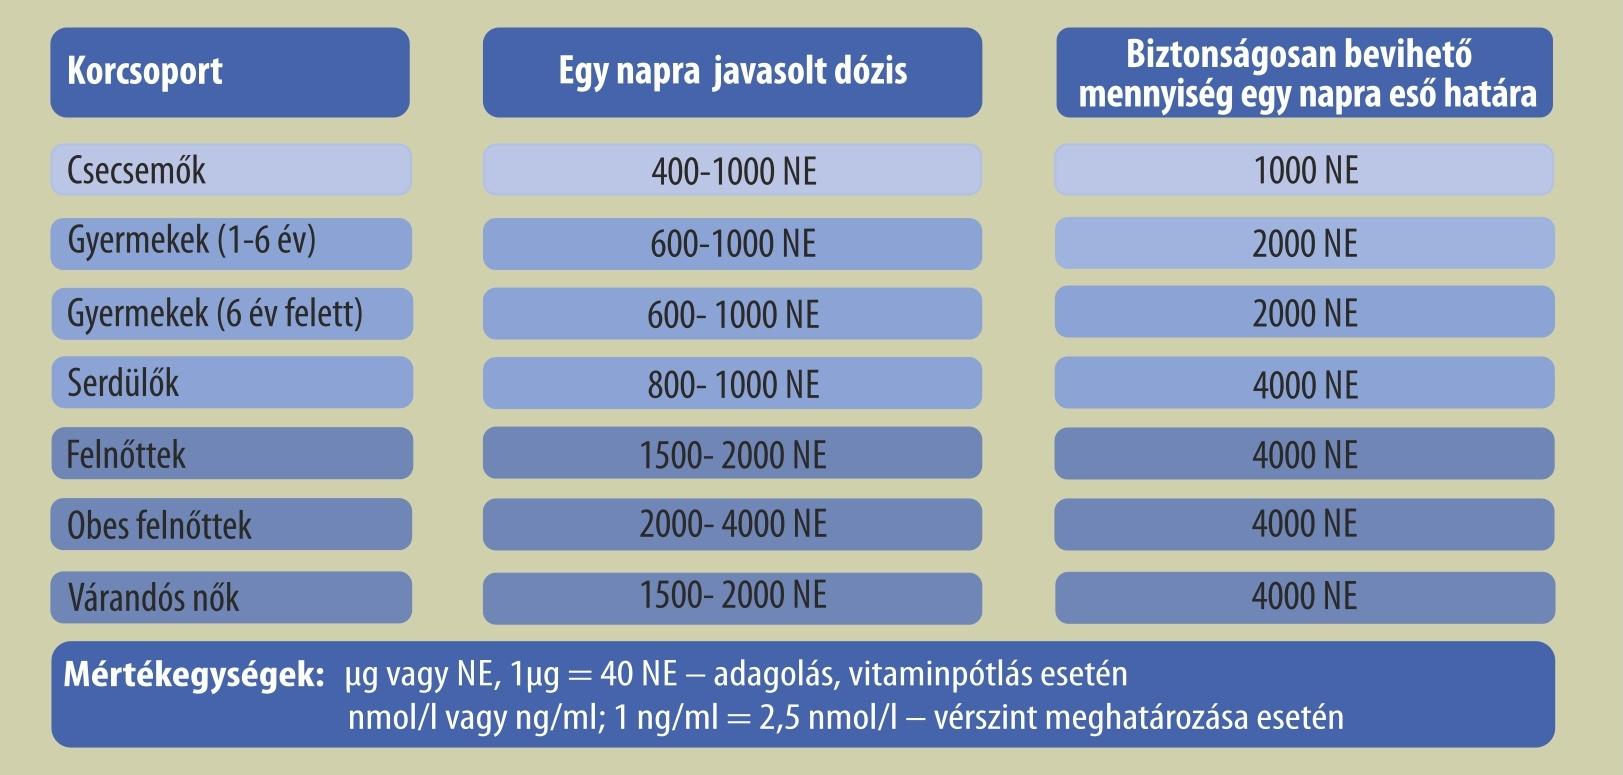 a kalcium szerepe a magas vérnyomásban)